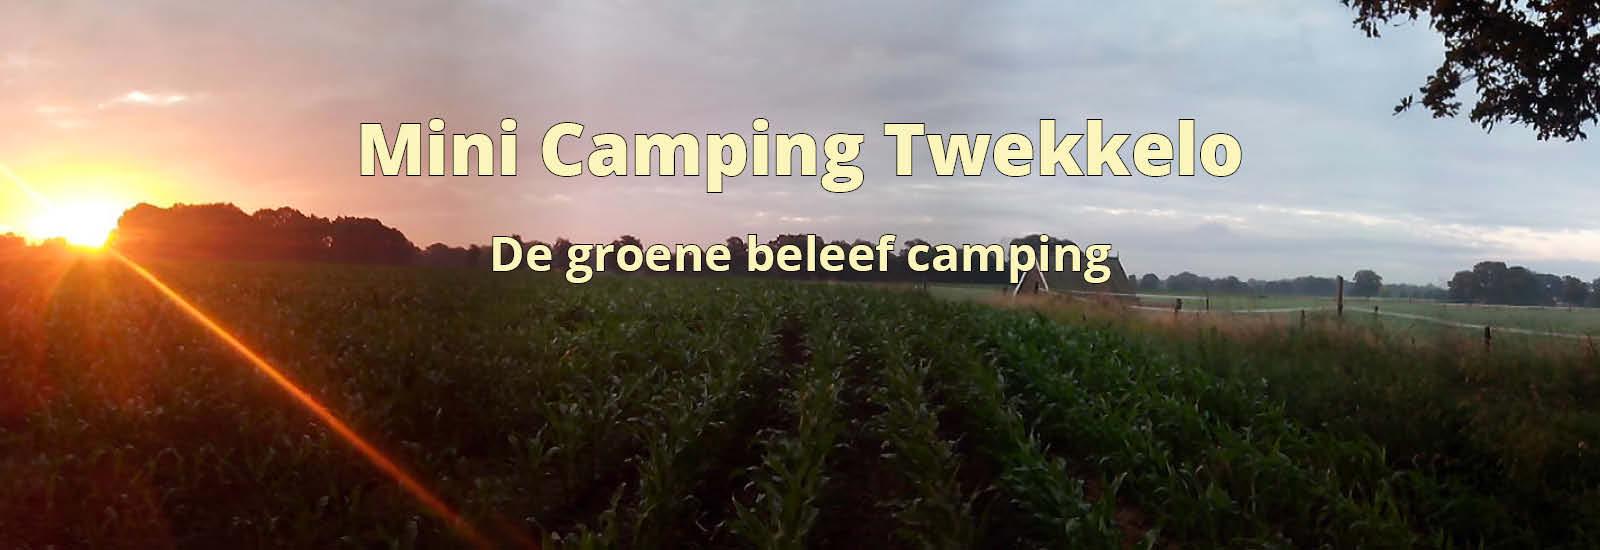 beleef op mini camping Twekkelo de zonsondergang